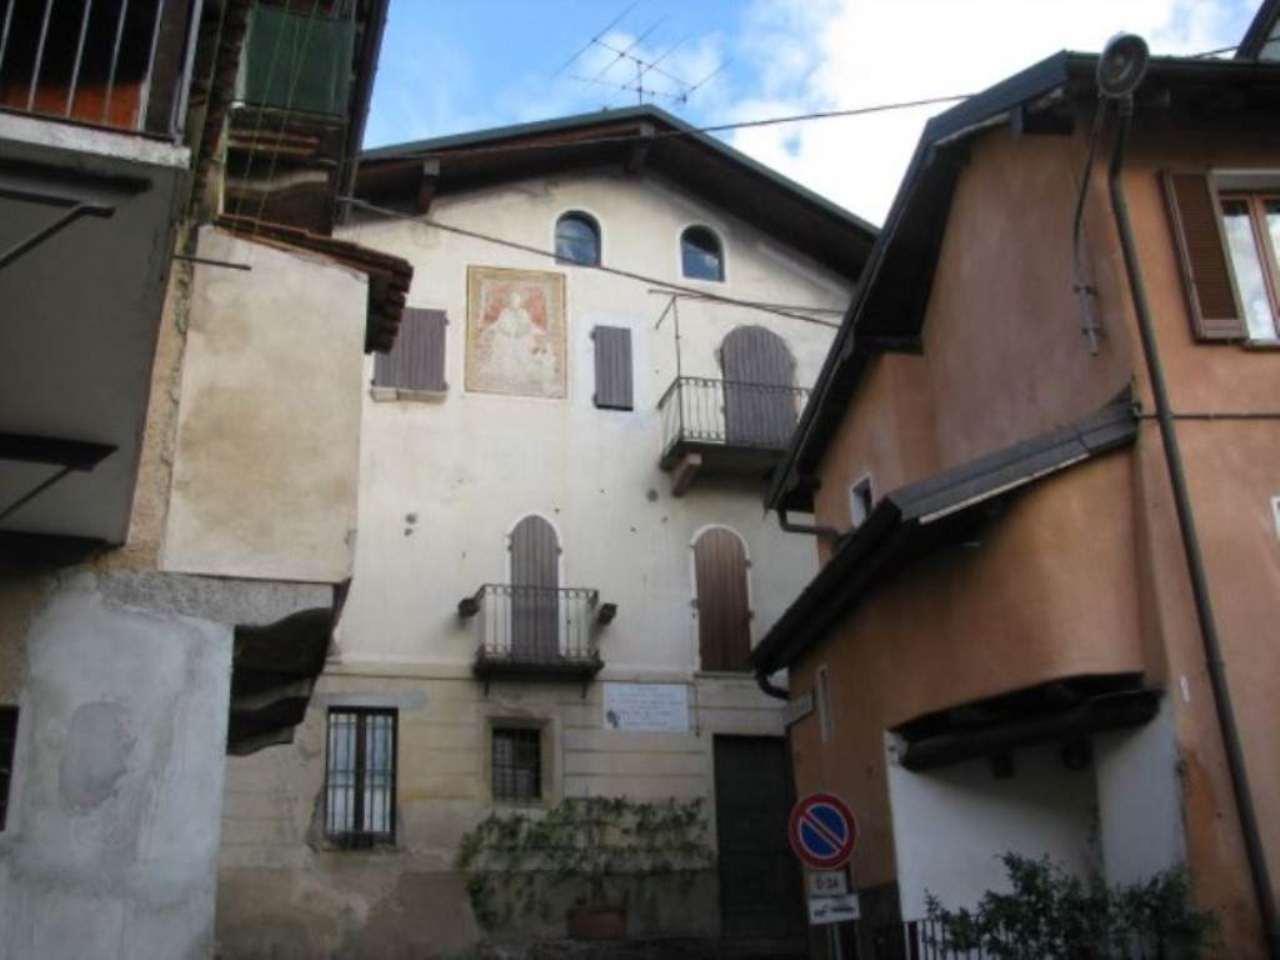 Soluzione Indipendente in vendita a Valganna, 5 locali, prezzo € 245.000 | Cambio Casa.it